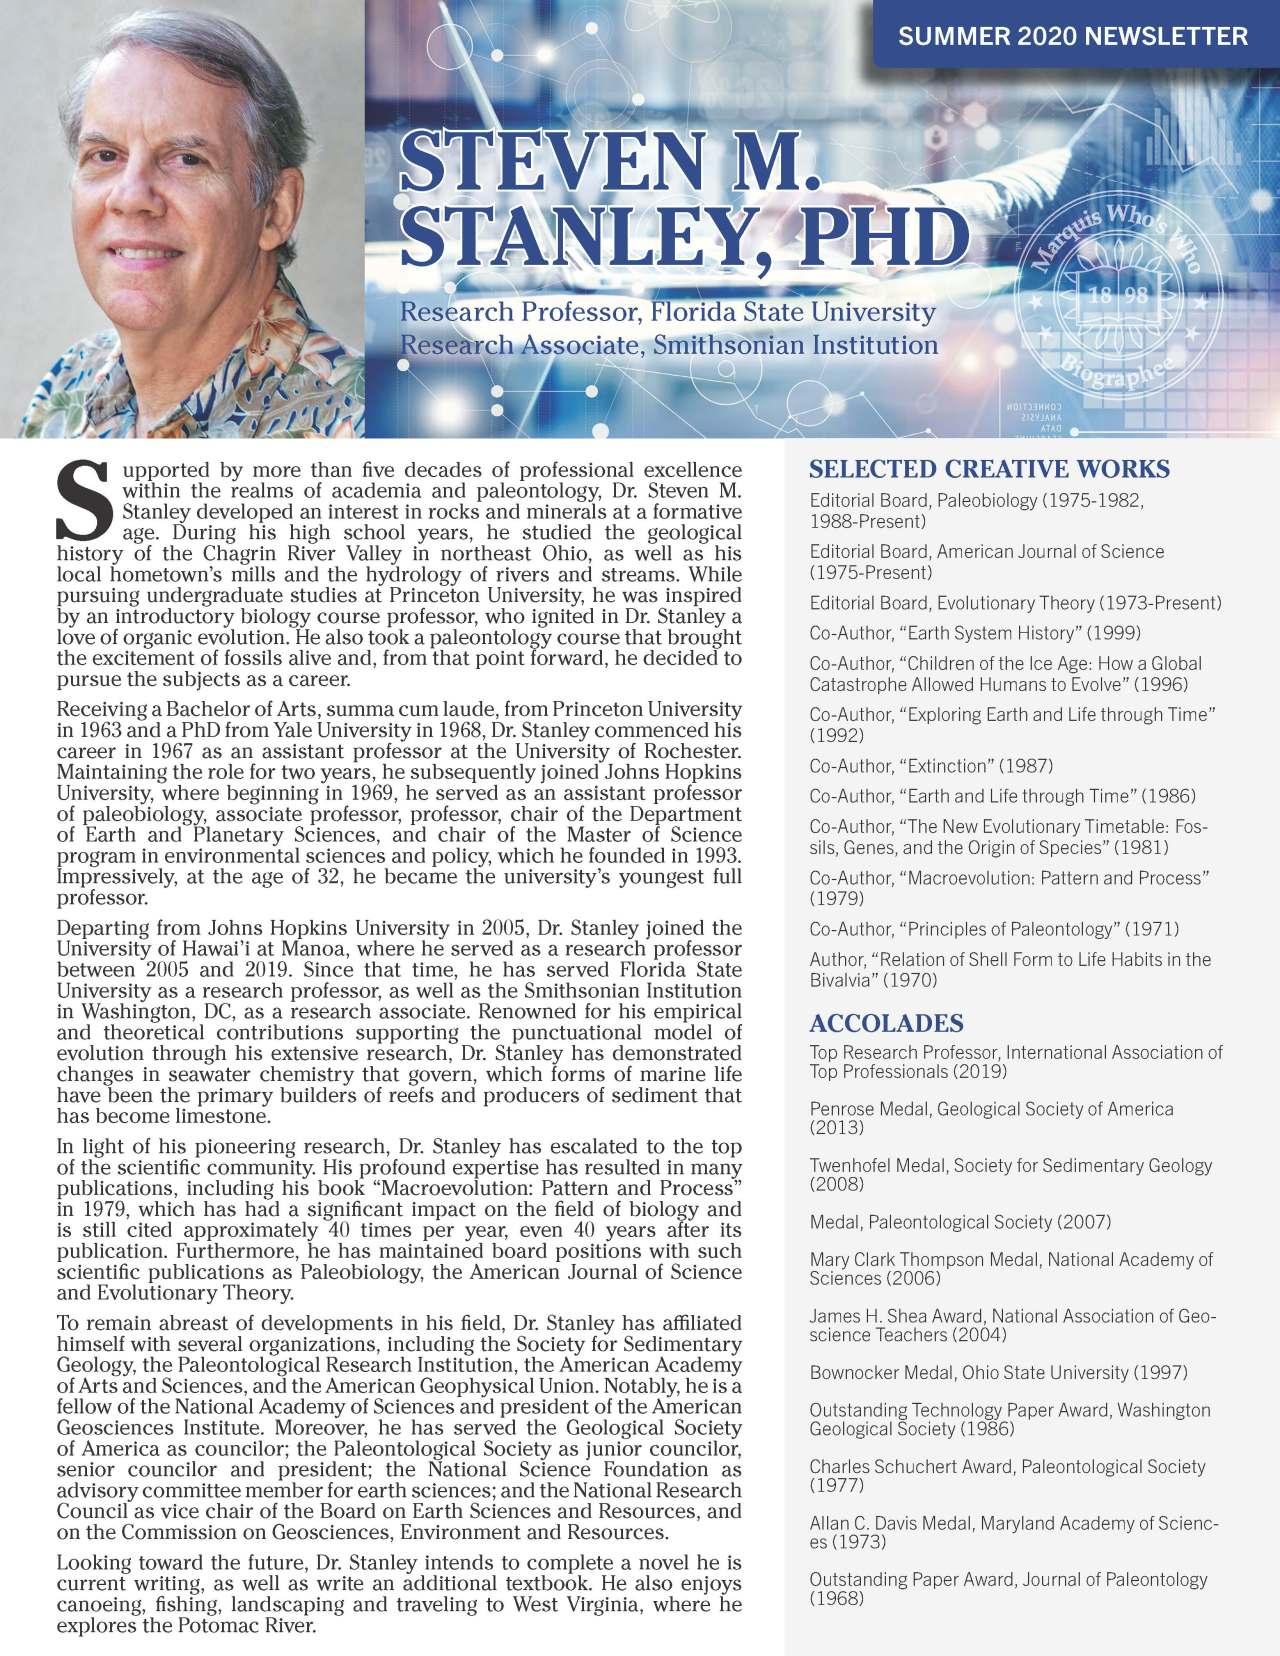 Stanley, Steven 3772925_2639307 Newsletter